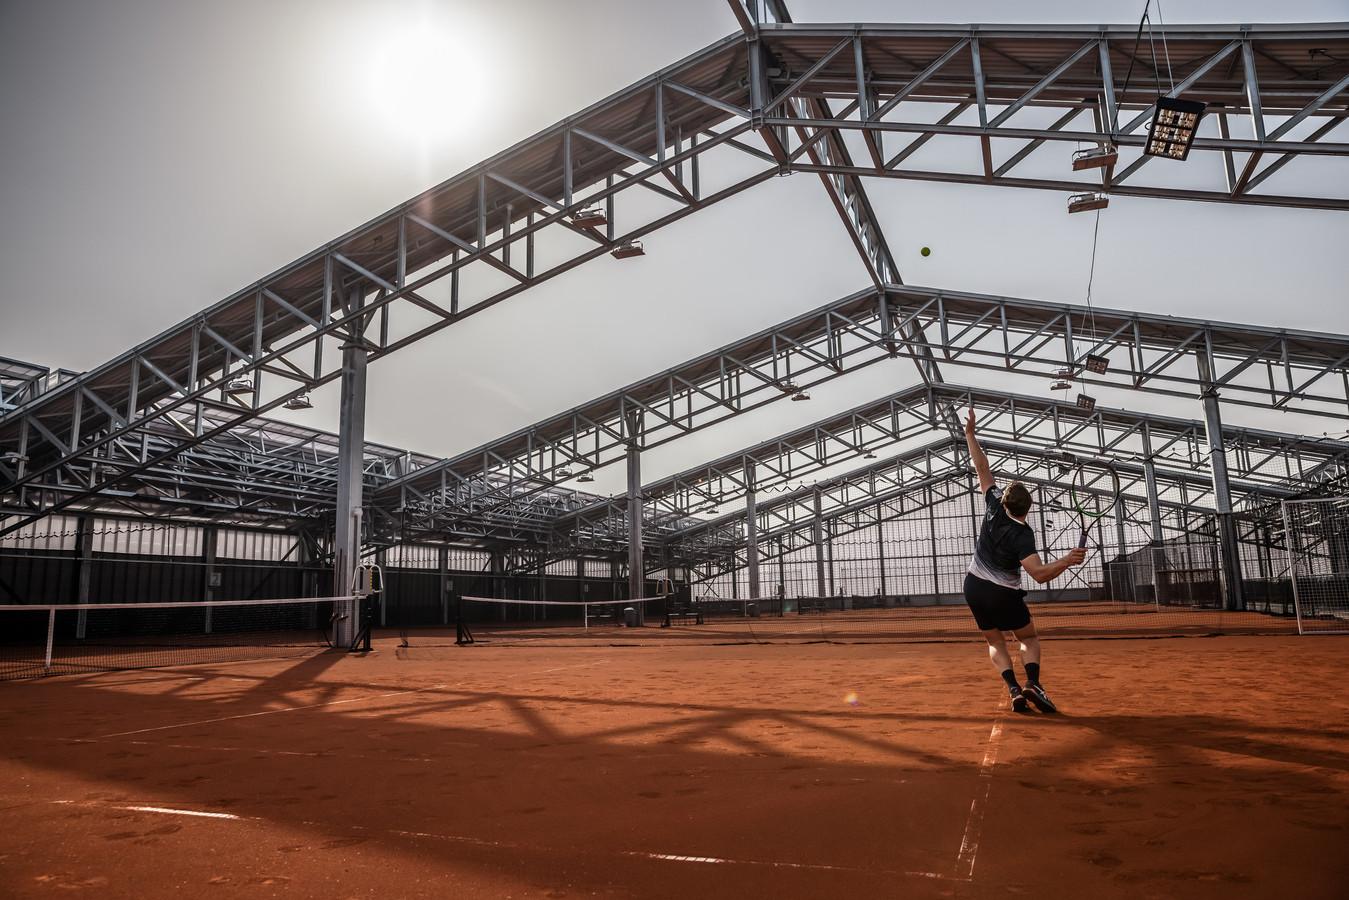 Doordat het dak open kan, oordeelt de gemeente Etten-Leur dat er bij ZUITNL buiten gesport kan worden. Tot grote vreugde van ondernemer Mike van Vugt.